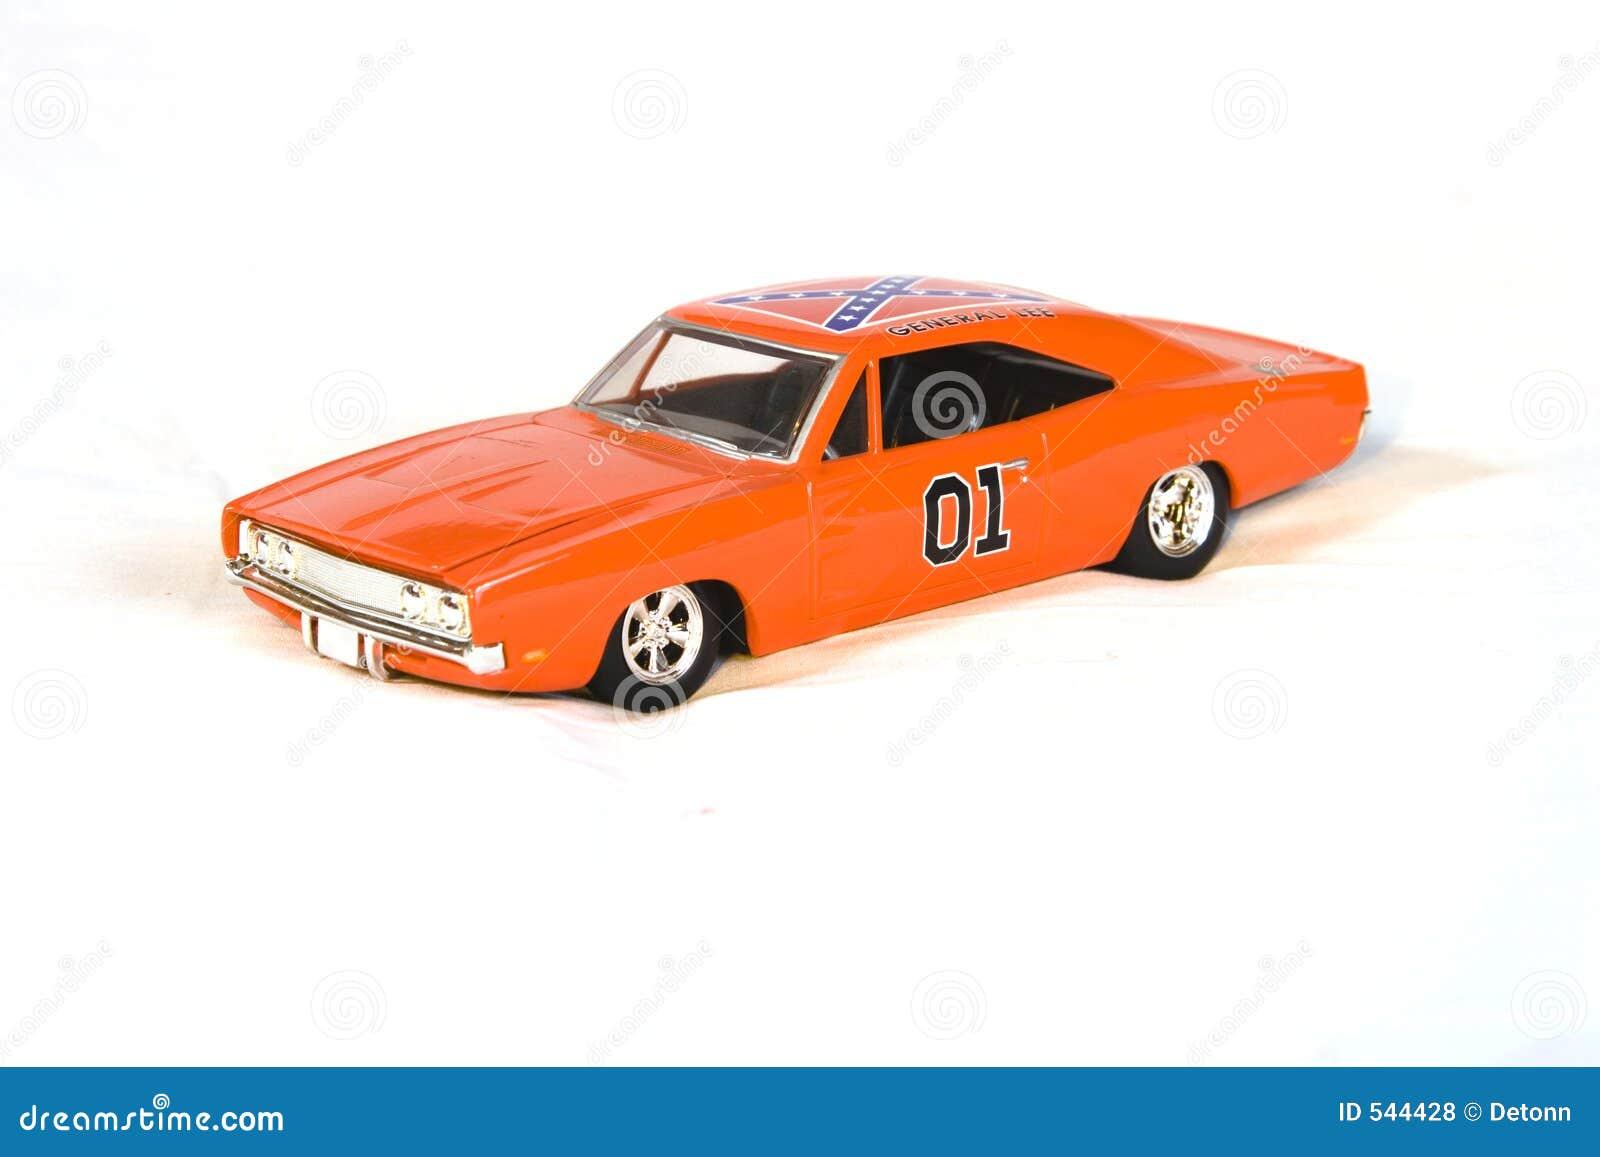 Download 通用 库存照片. 图片 包括有 设计, 推托, 充电器, 同盟者, 赛跑, 肌肉, 汽车, 橙色, 标志 - 544428